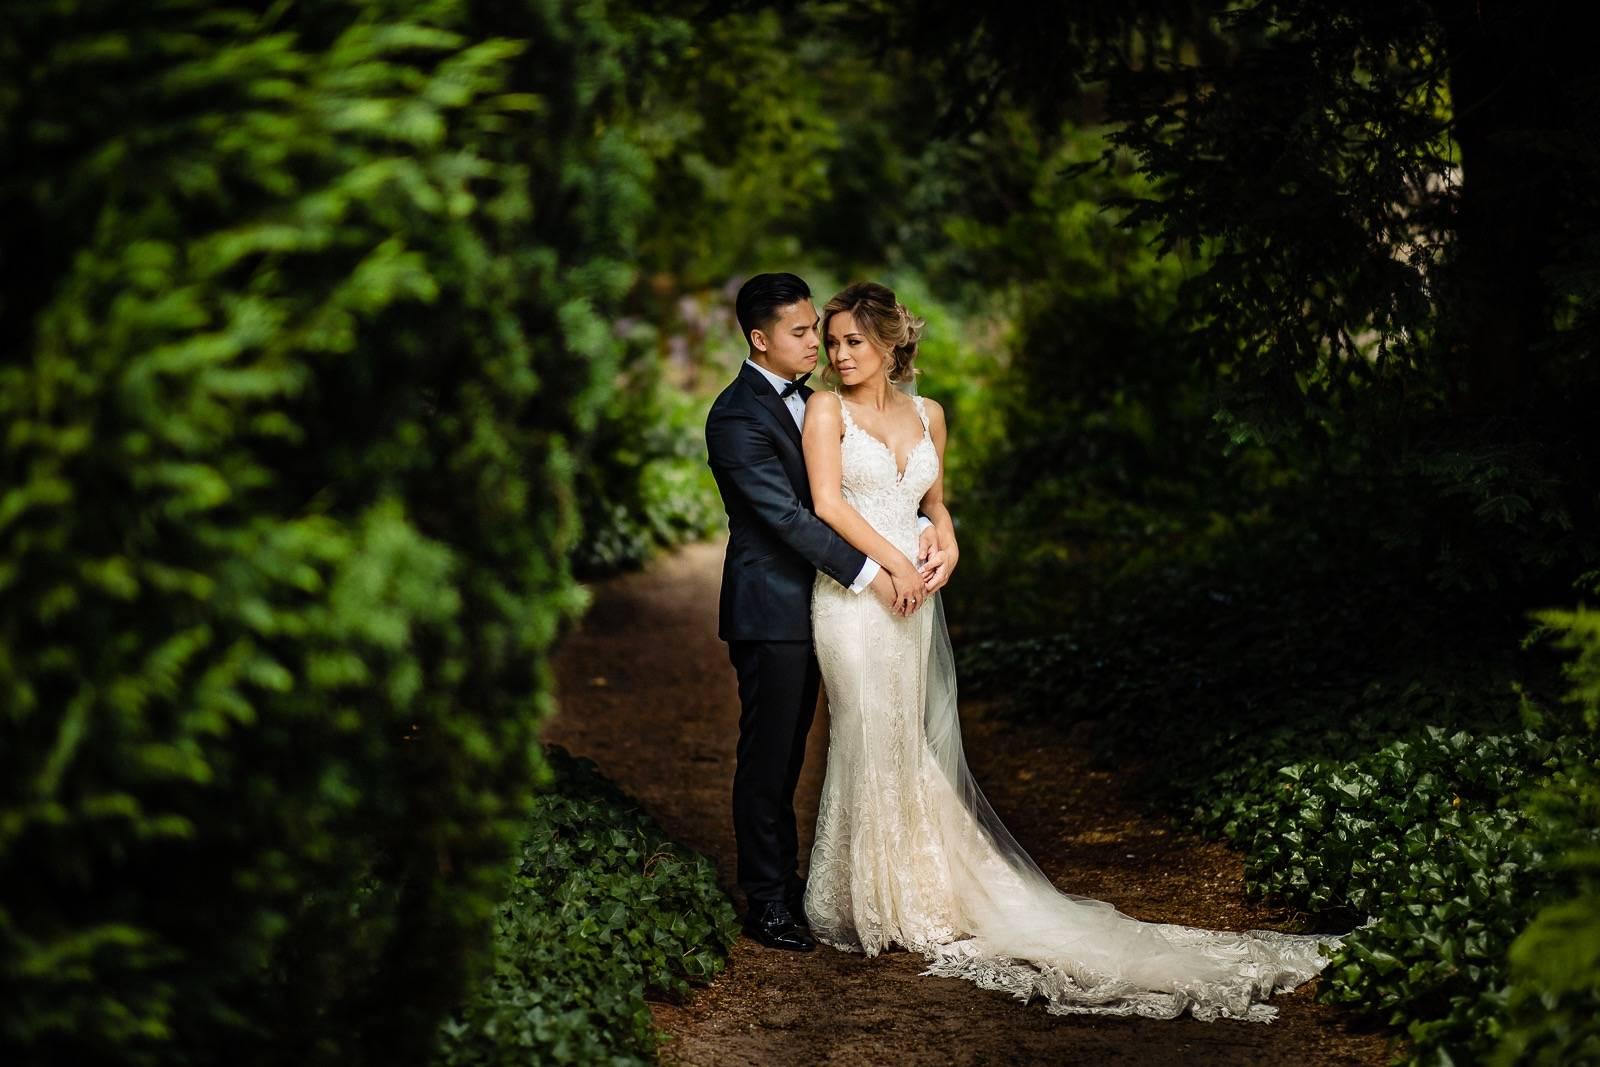 Eppel Fotografie - Trouwfotograaf - Huwelijksfotograaf - House of Weddings - 21